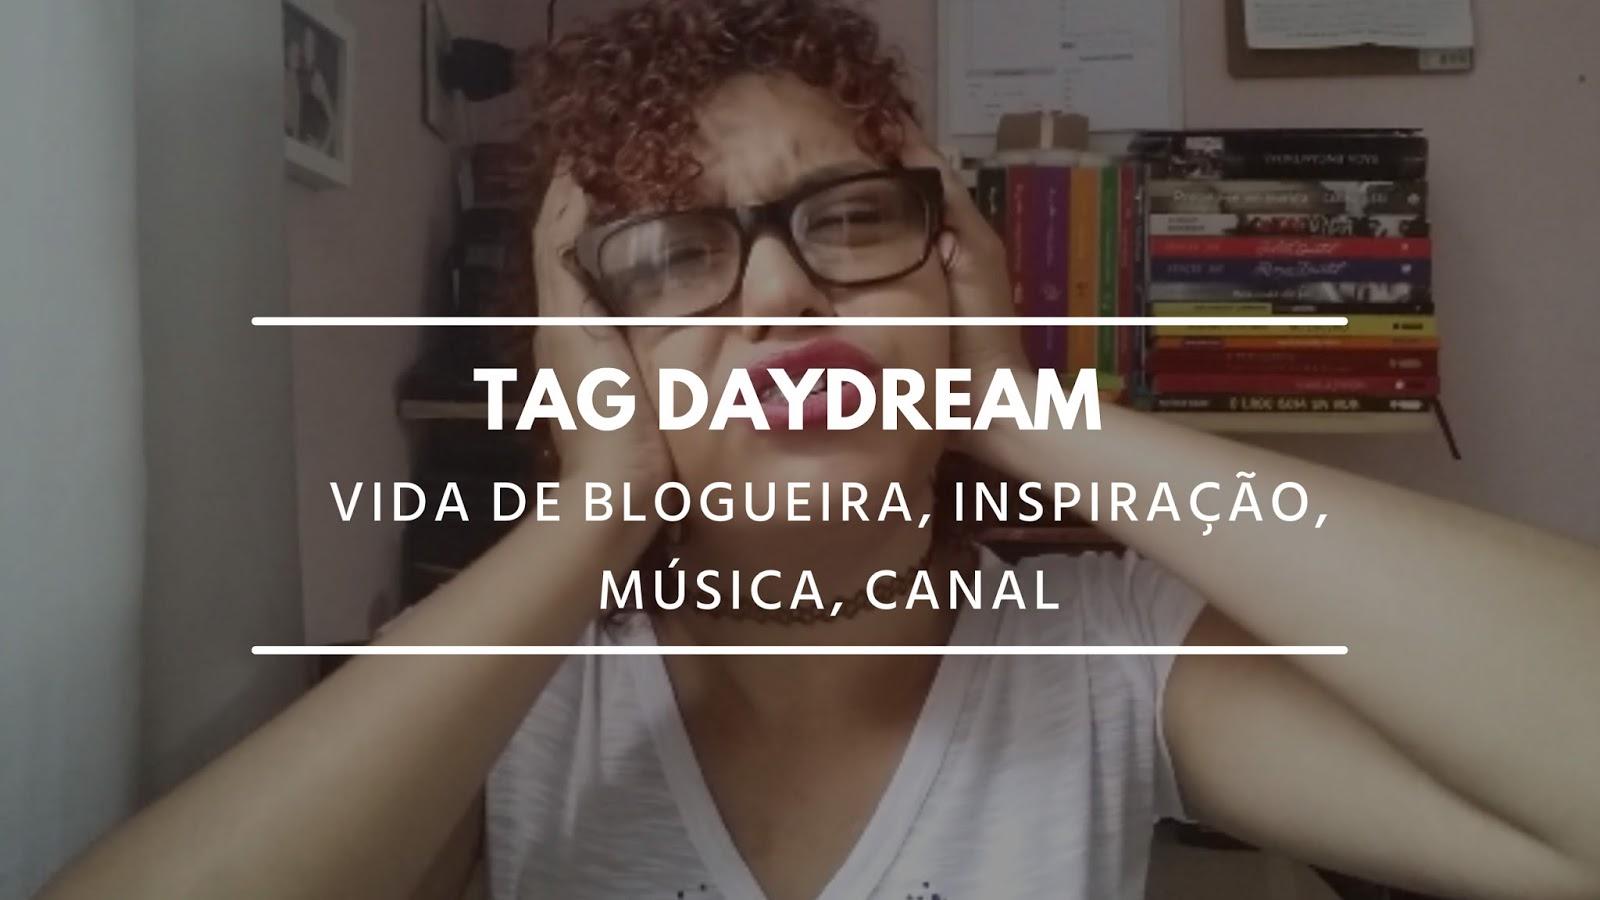 TAG DAYDREAM | Vida de blogueira, canal, música...